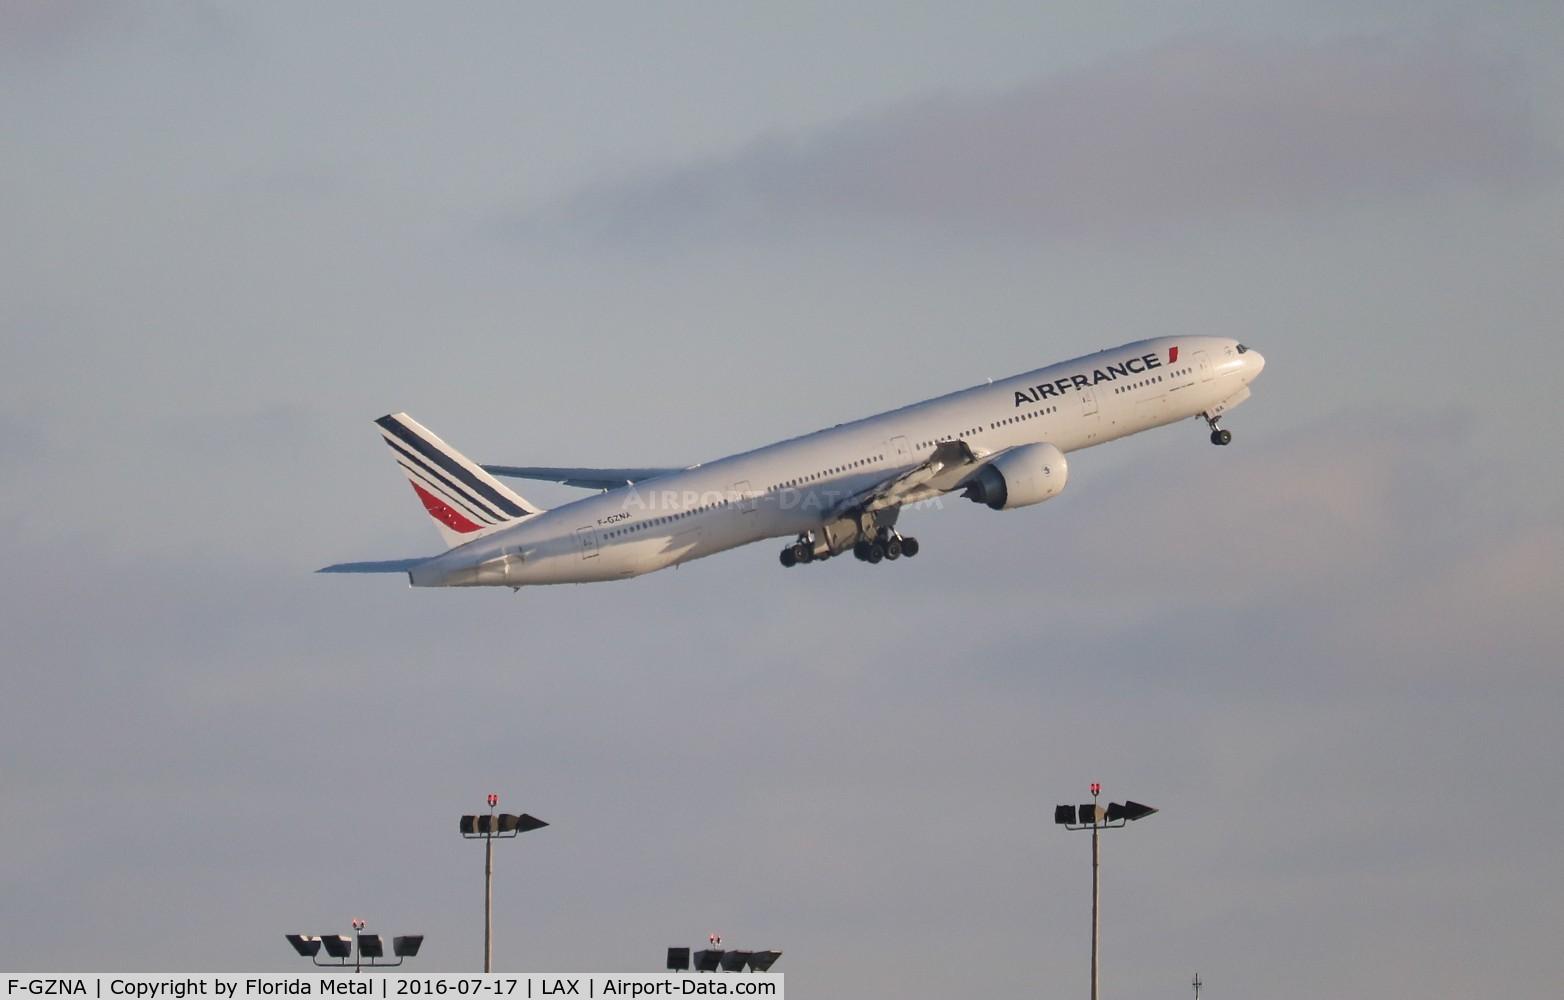 F-GZNA, 2007 Boeing 777-328/ER C/N 35297, Air France